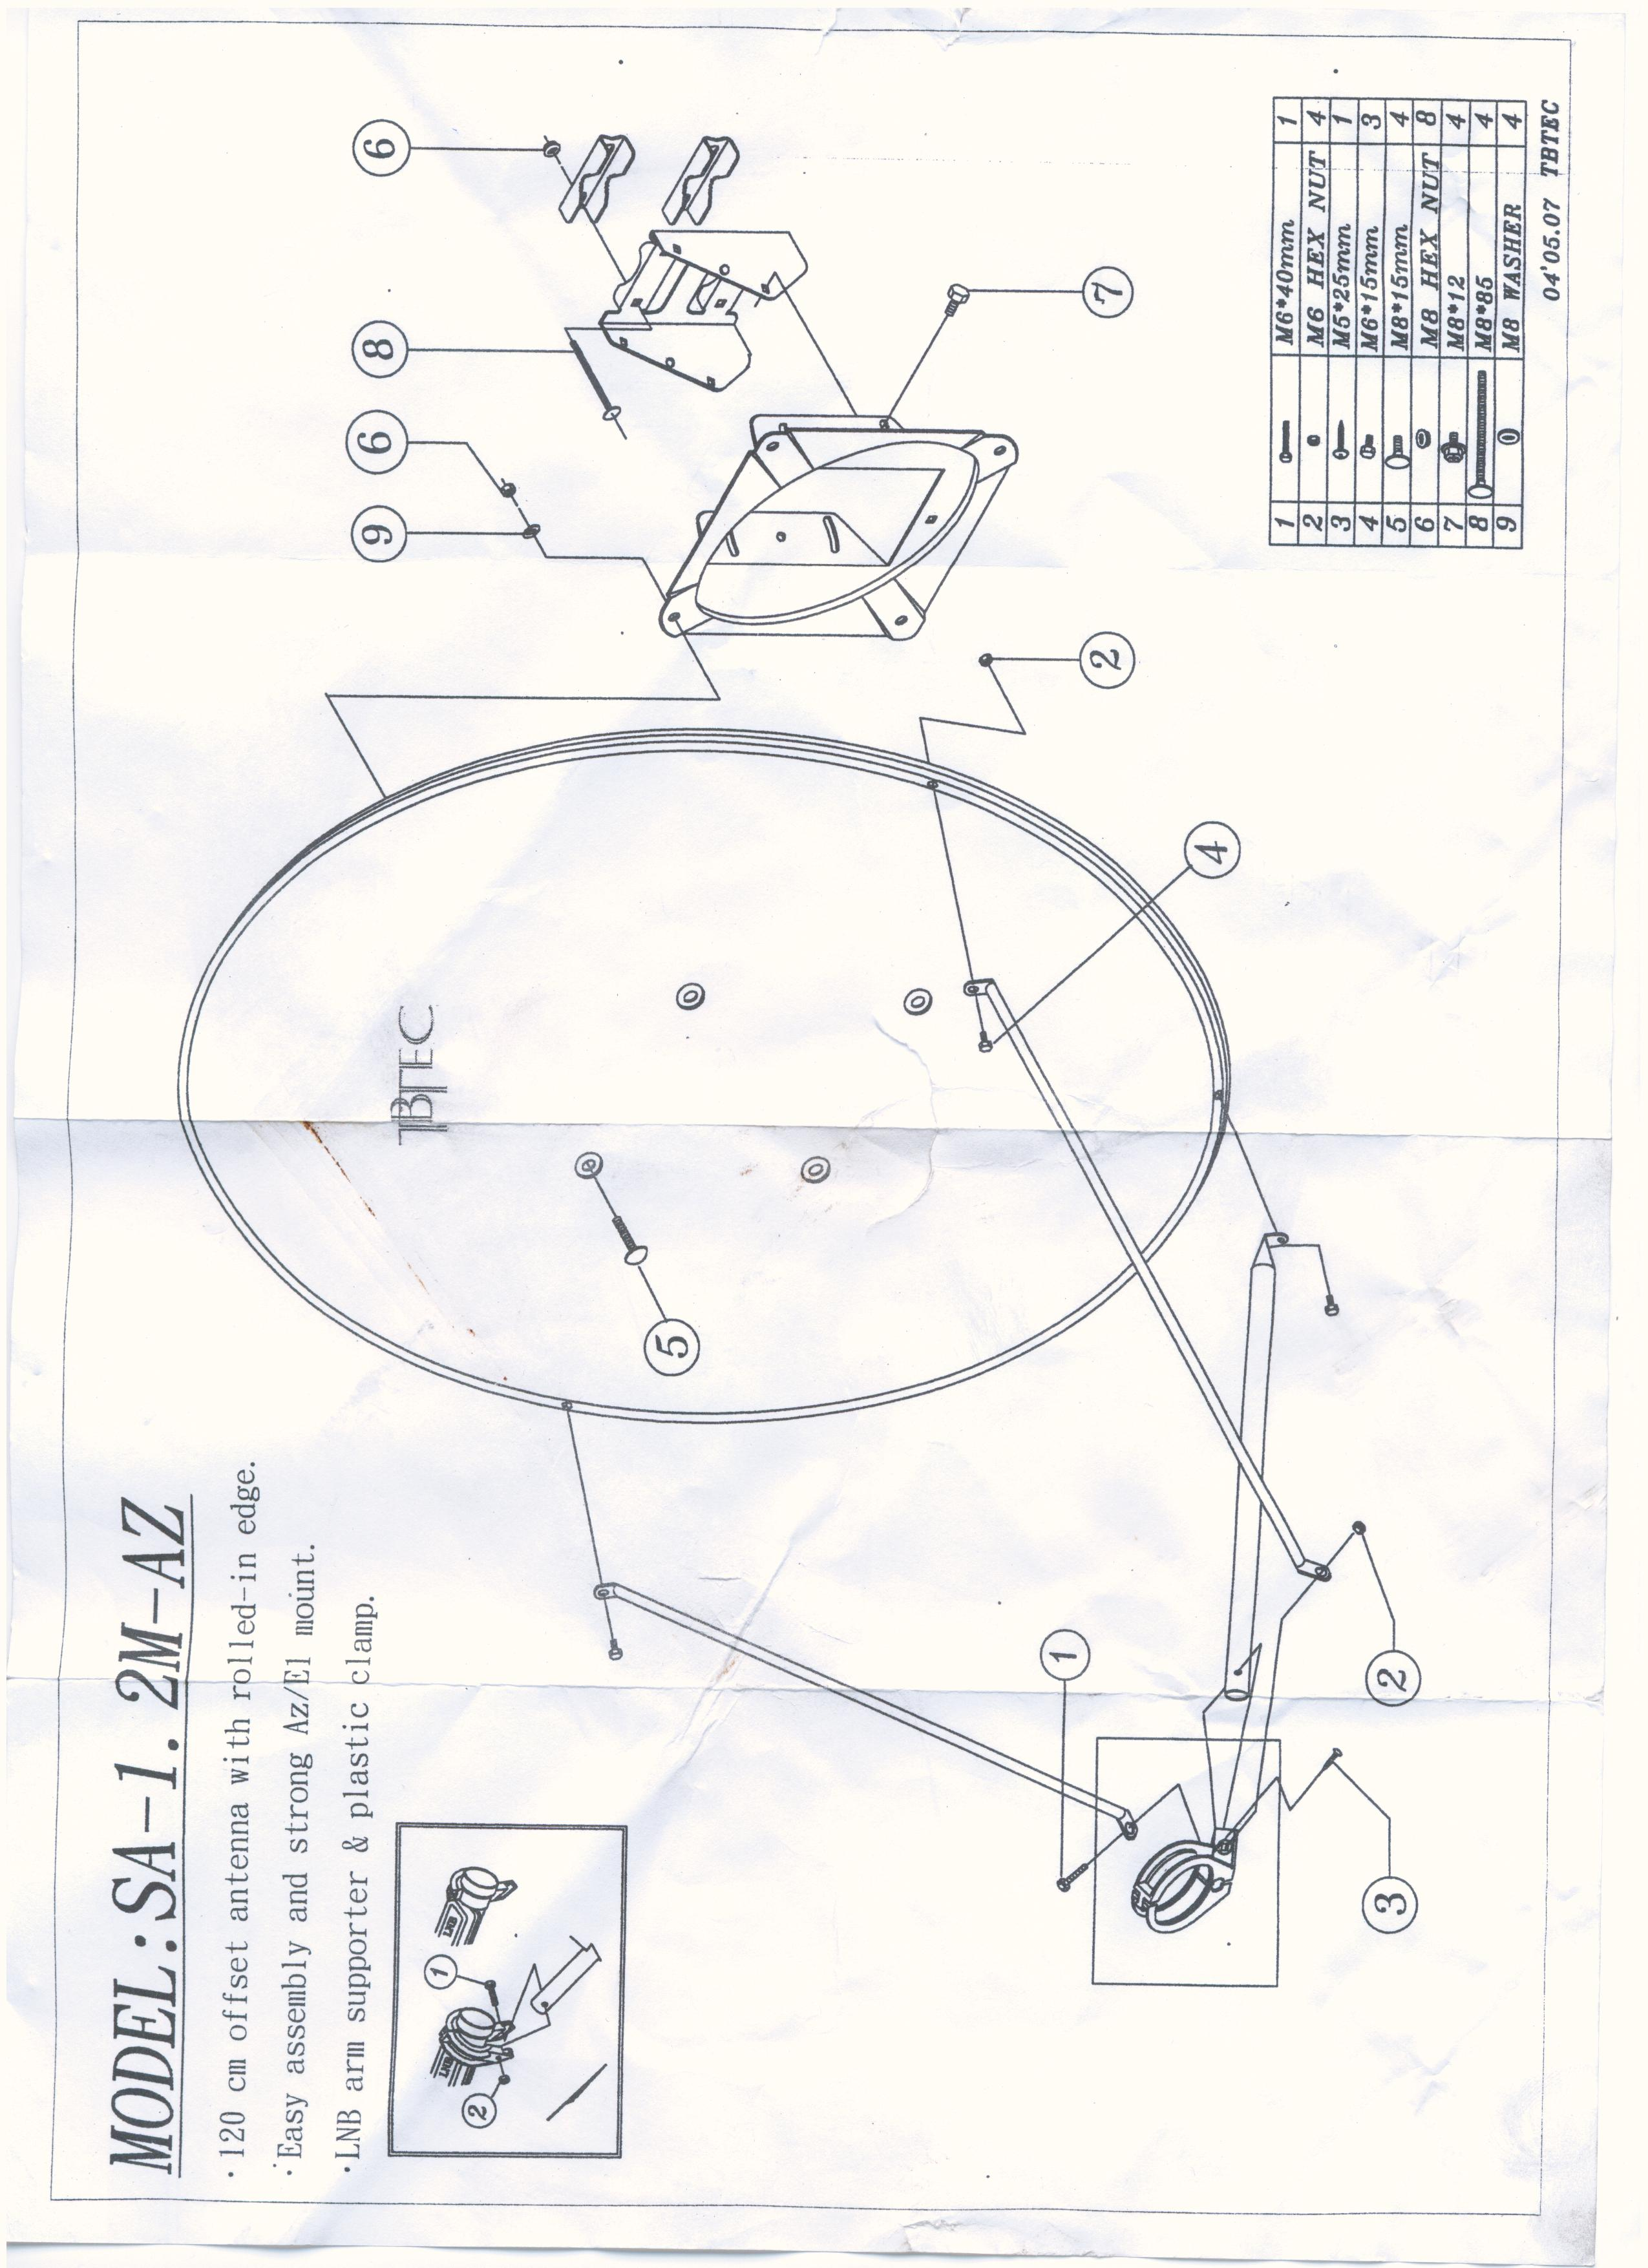 инструкция эксплуатации на видеорегистратор dvr 217